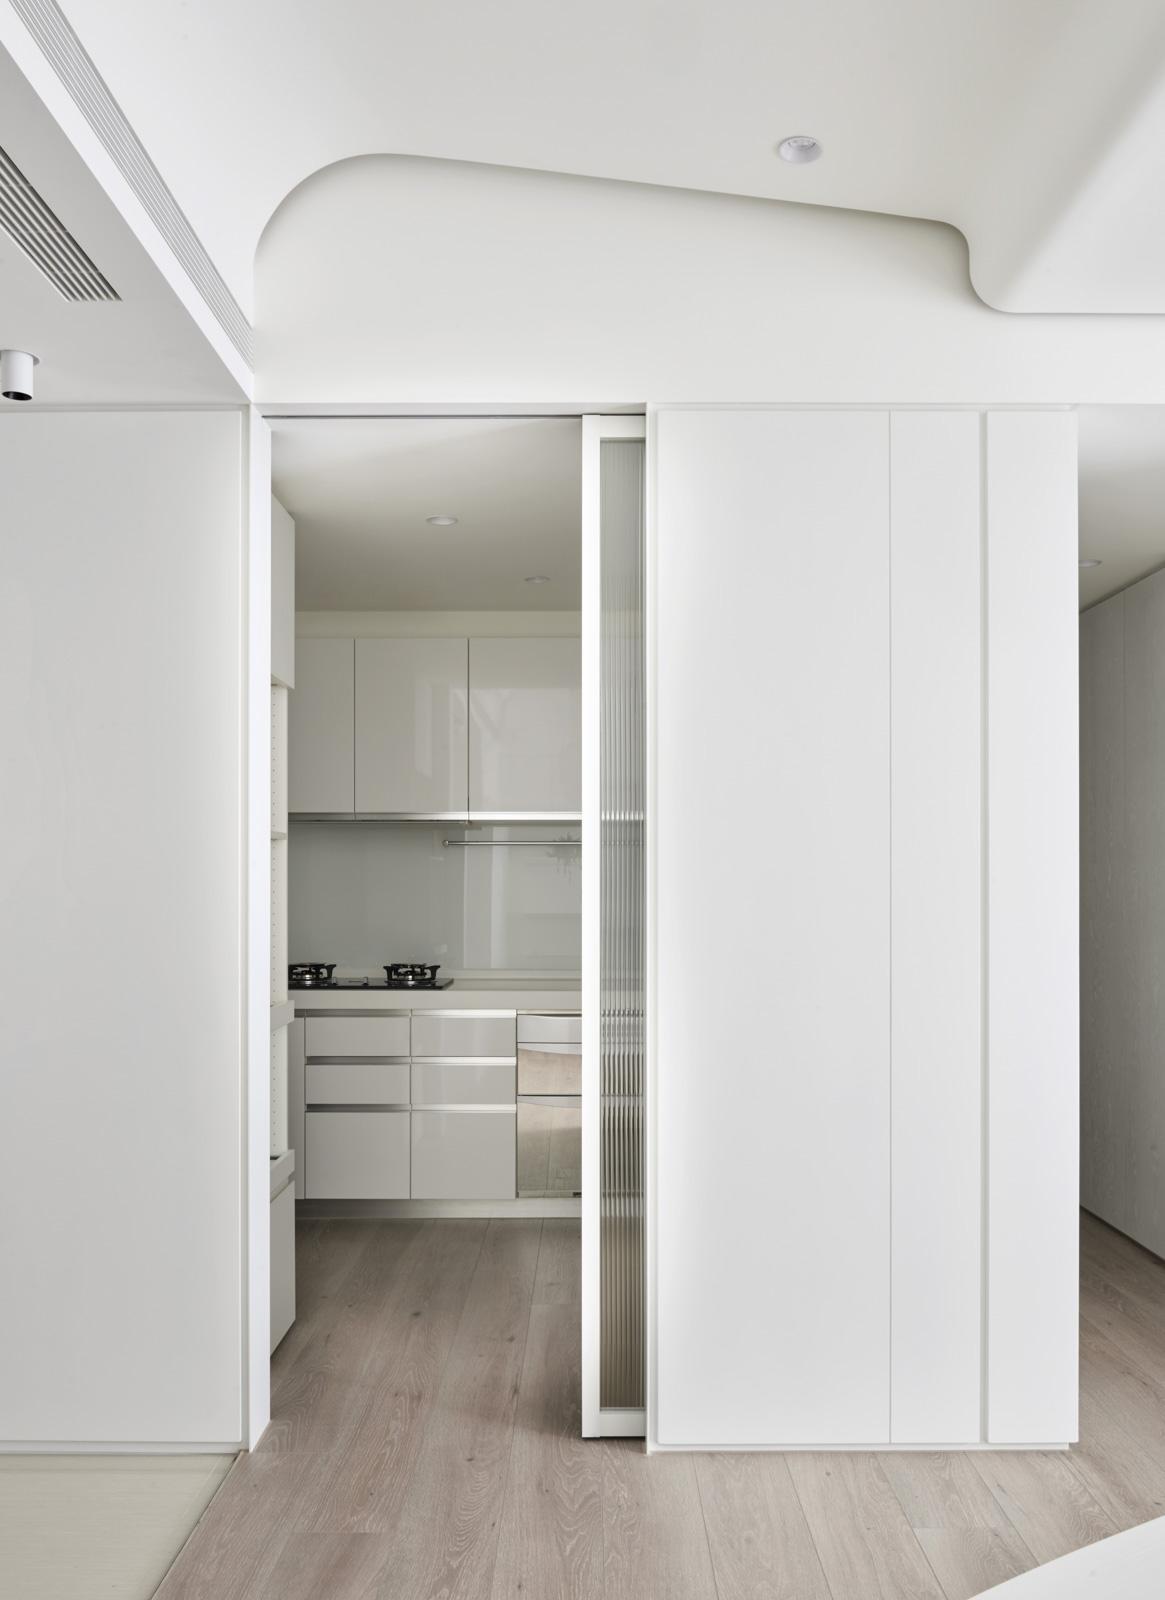 极简风白色公寓厨房装修效果图